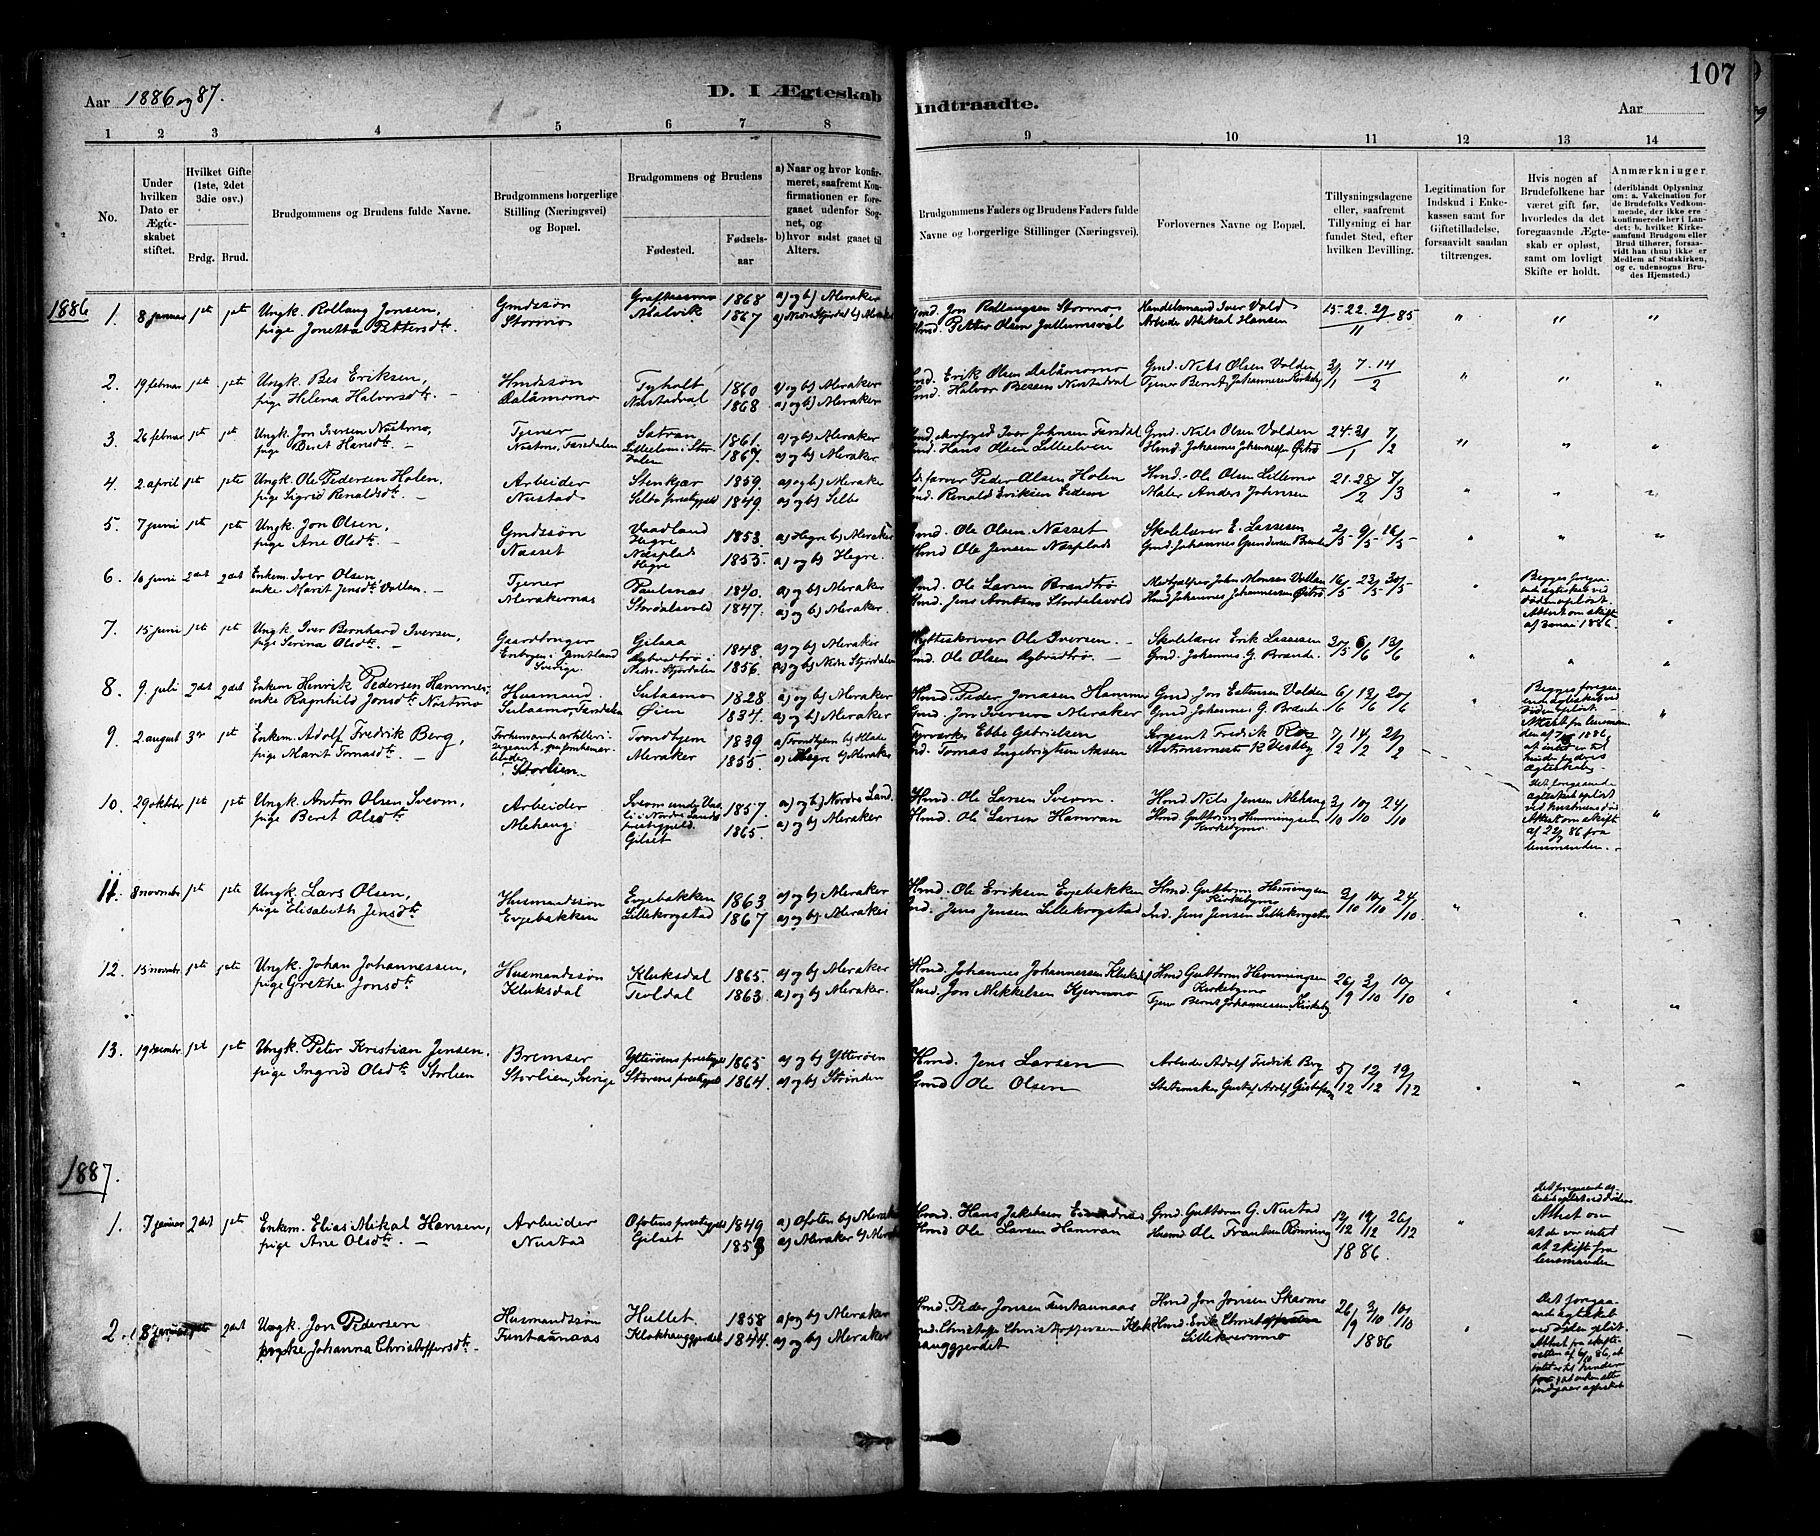 SAT, Ministerialprotokoller, klokkerbøker og fødselsregistre - Nord-Trøndelag, 706/L0047: Ministerialbok nr. 706A03, 1878-1892, s. 107